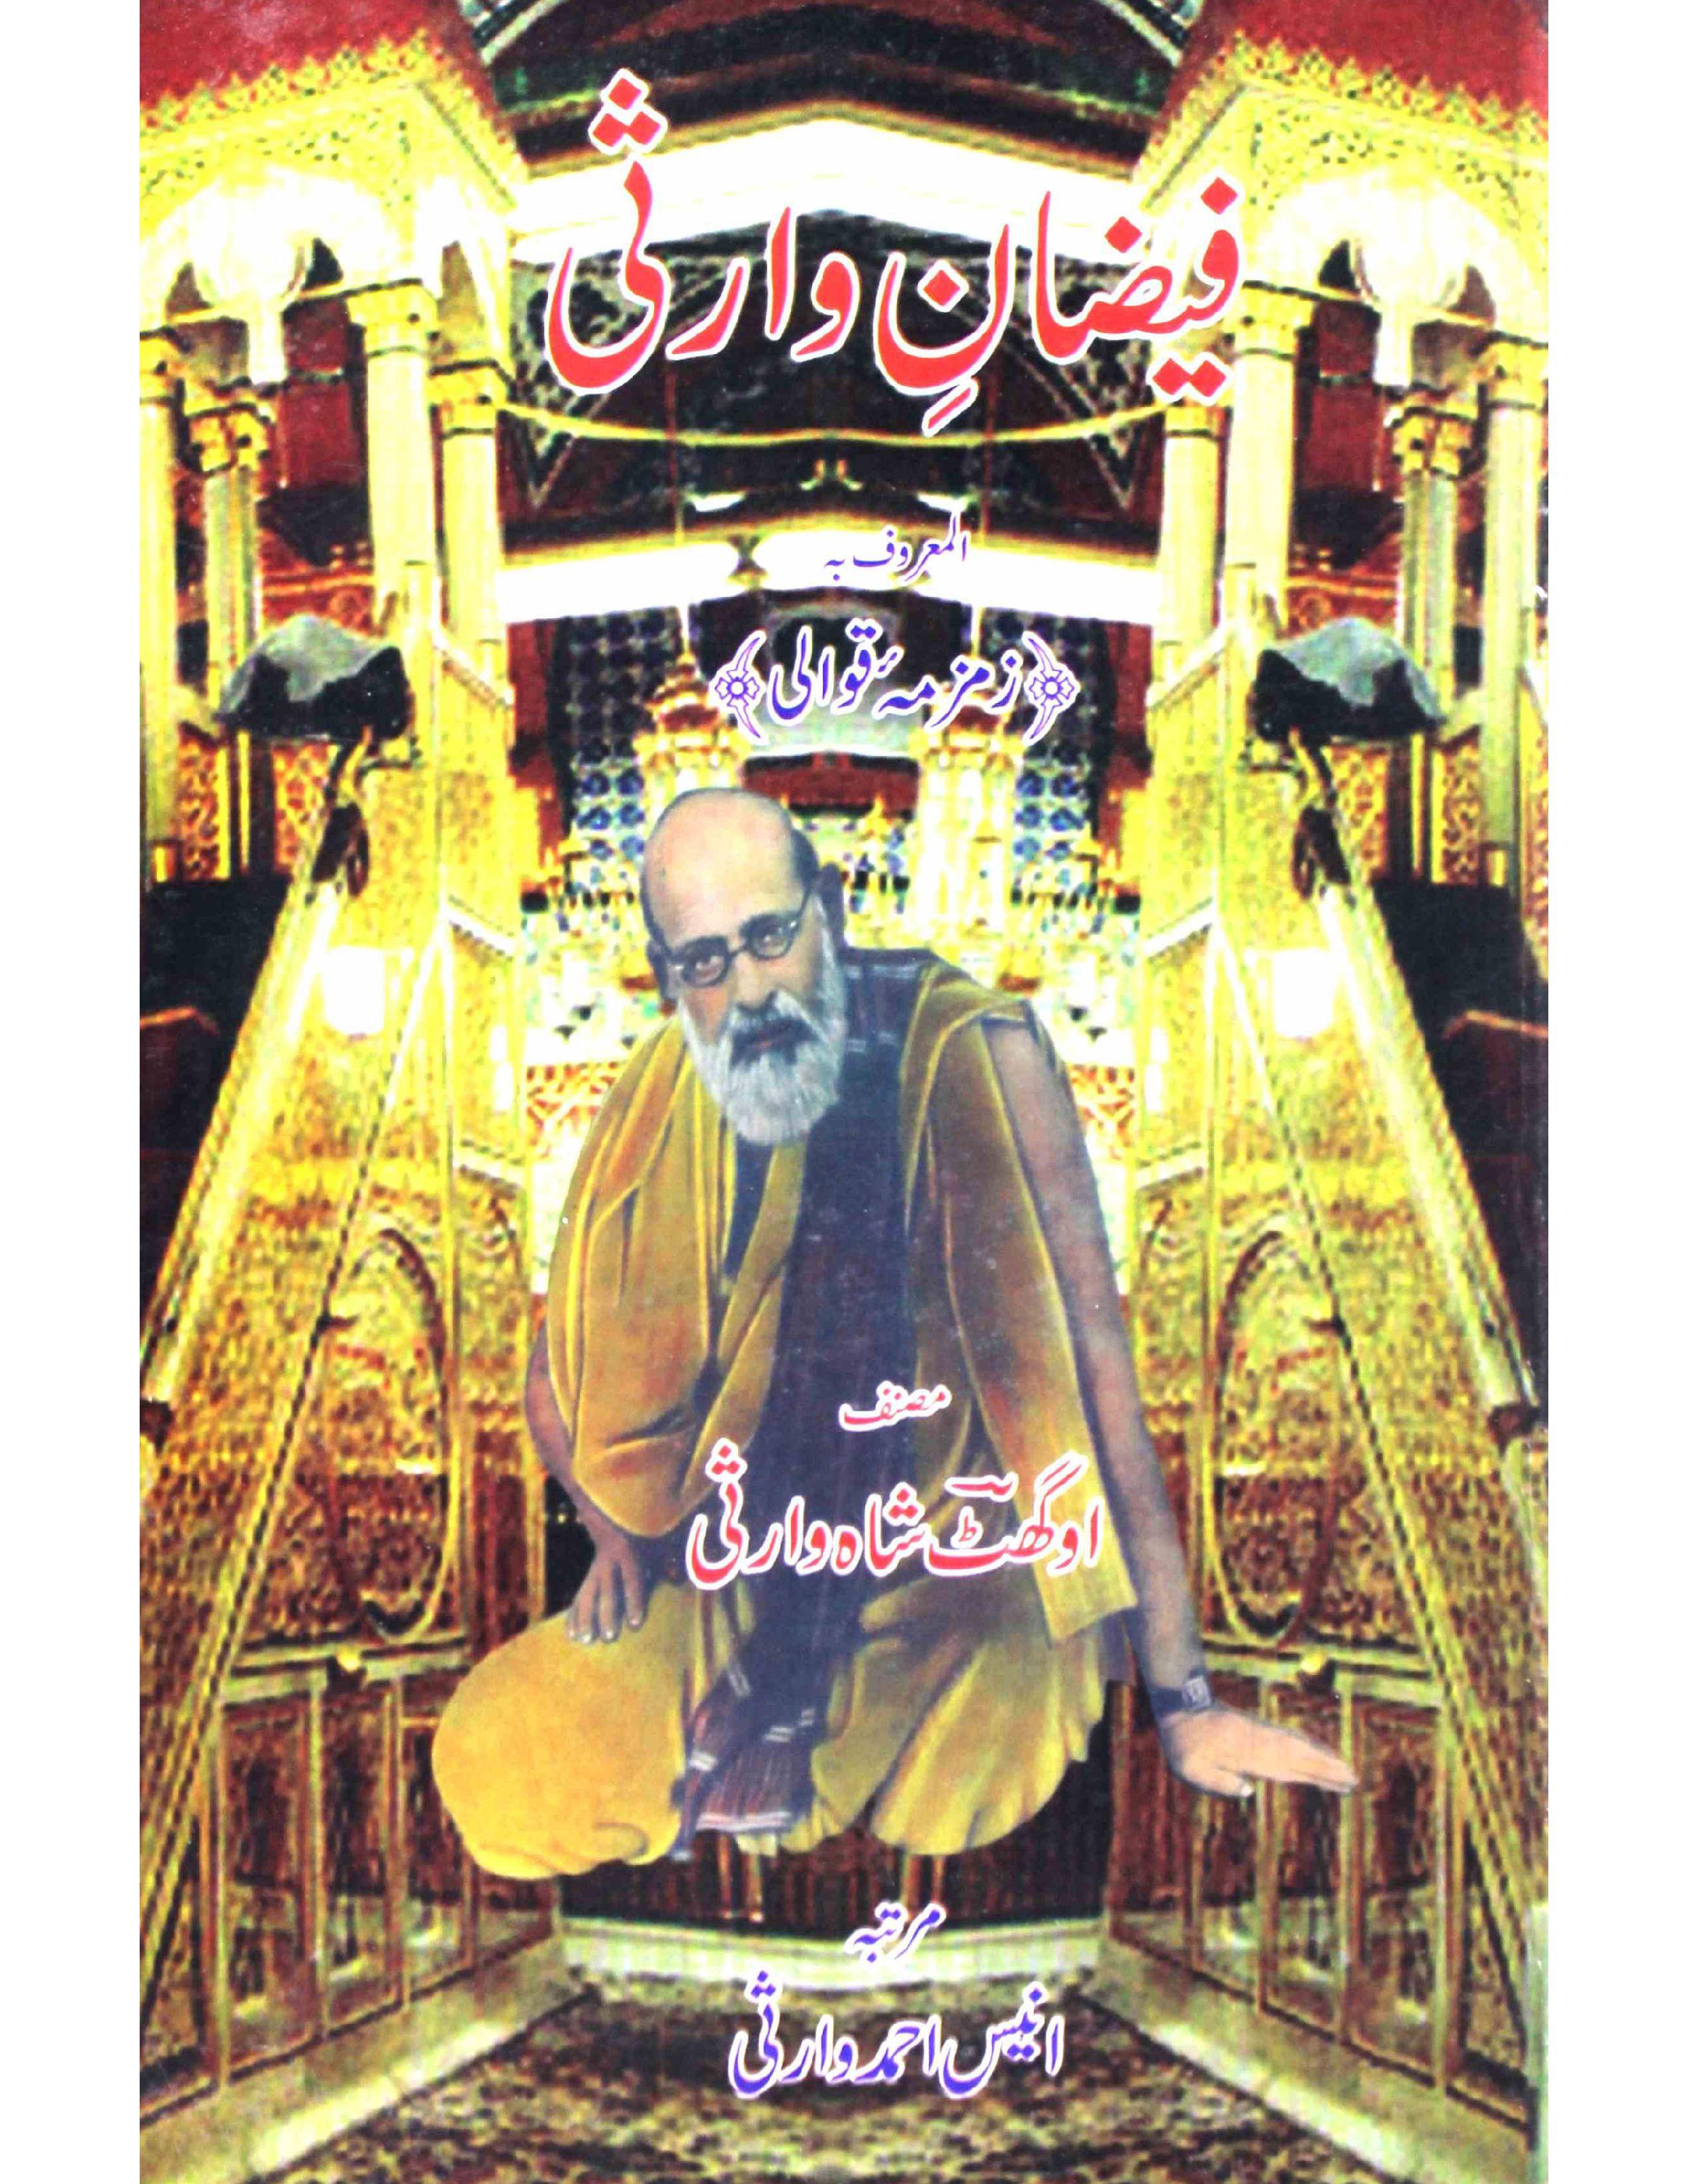 Faizan-e-Warsi